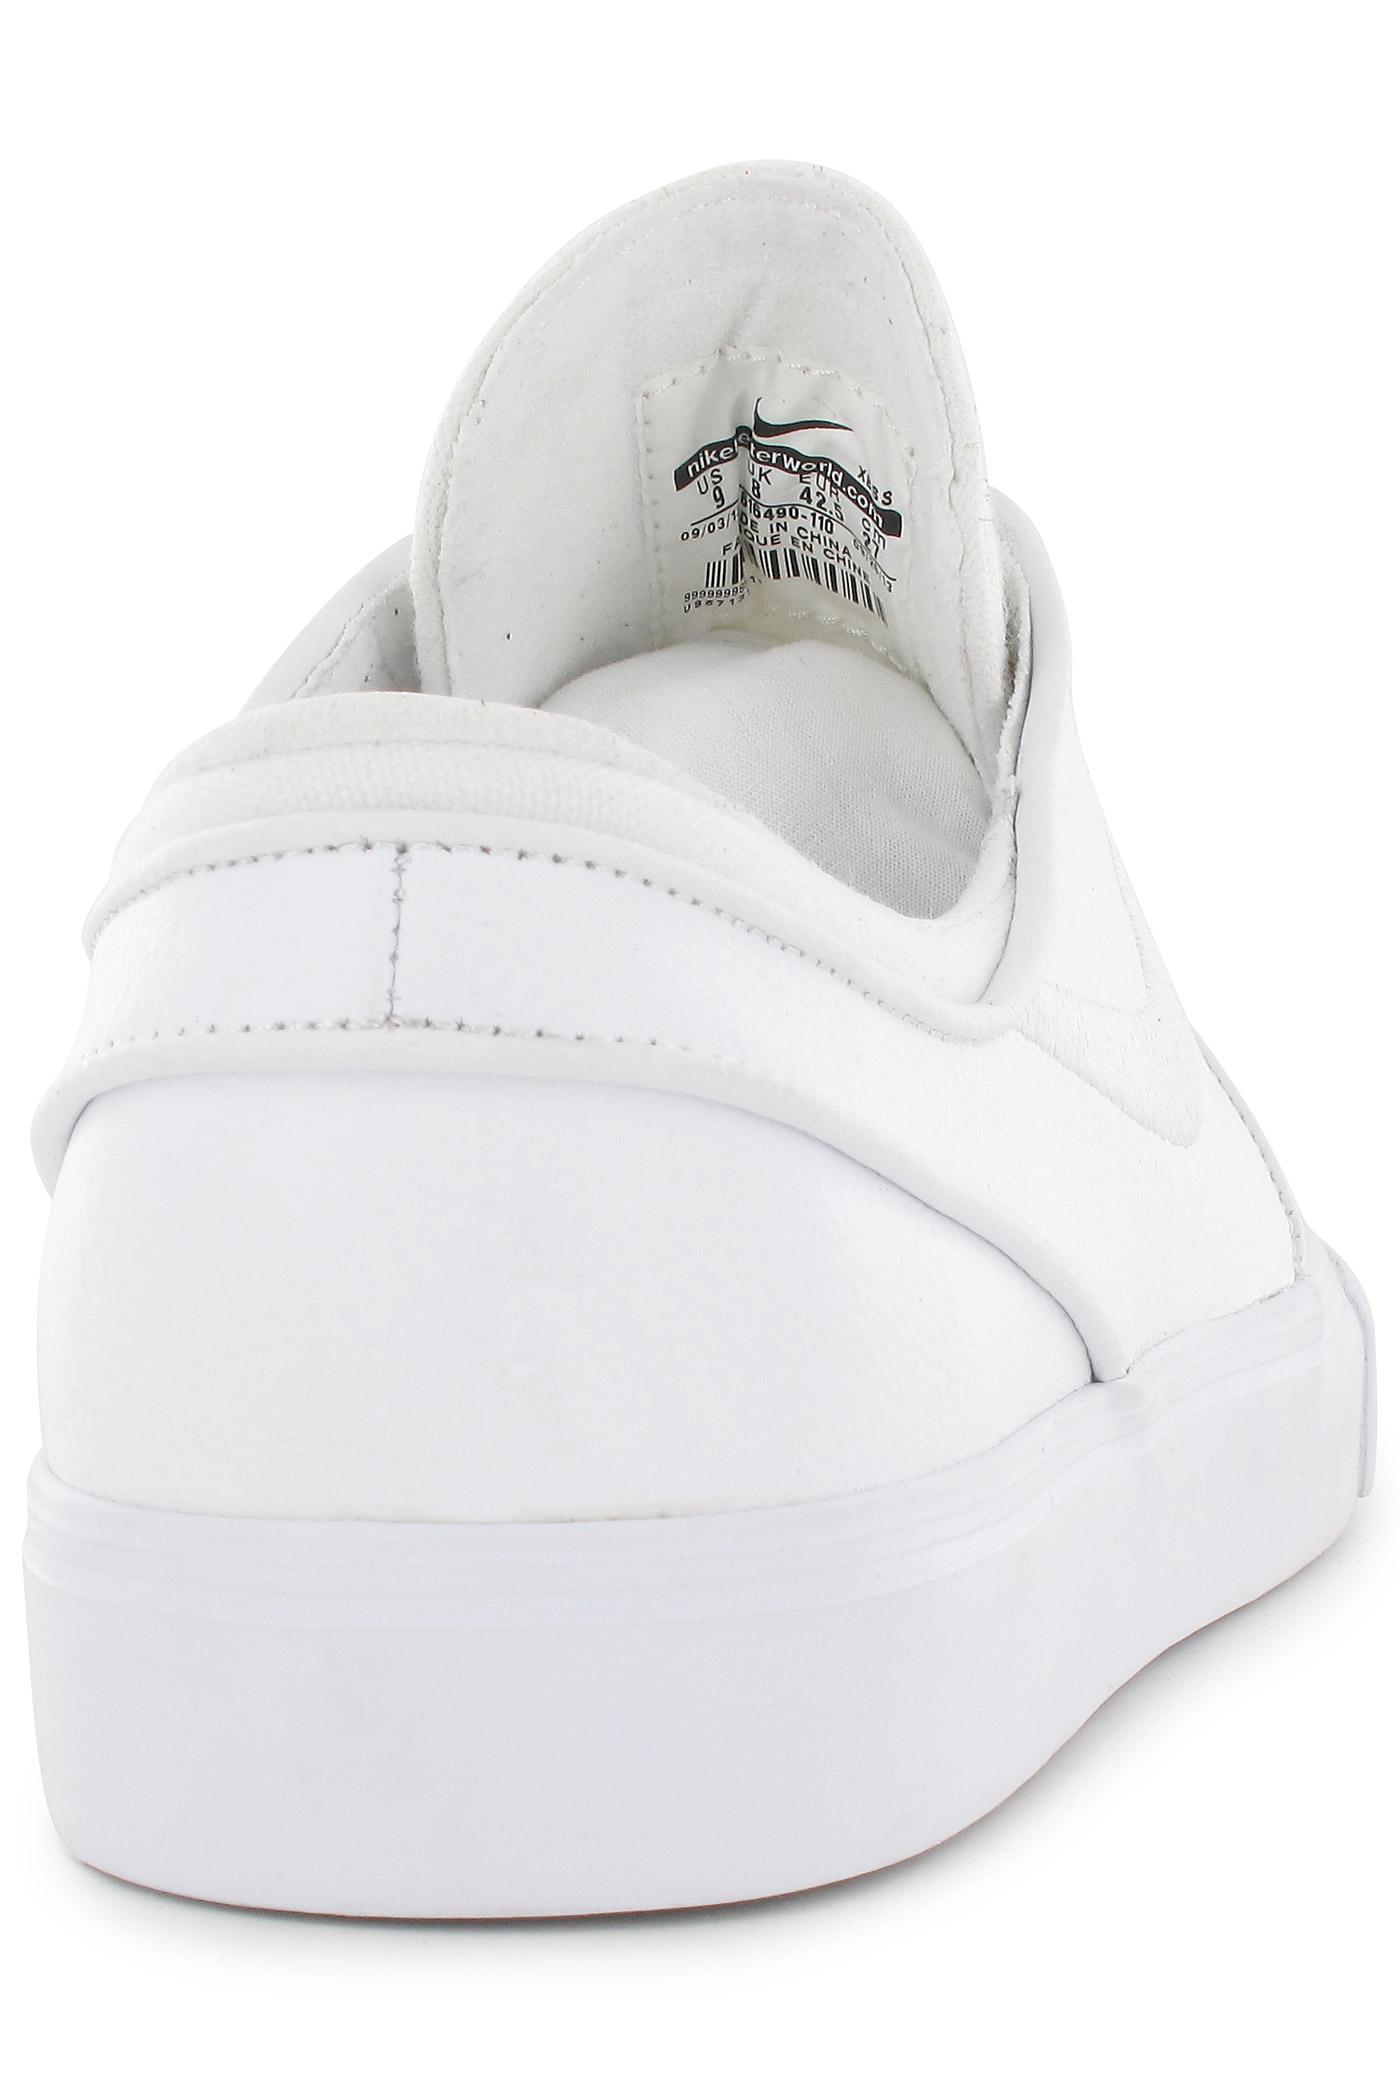 487b7cf9d2d ... Nike SB Zoom Stefan Janoski Leather Shoes (white white wolf grey)